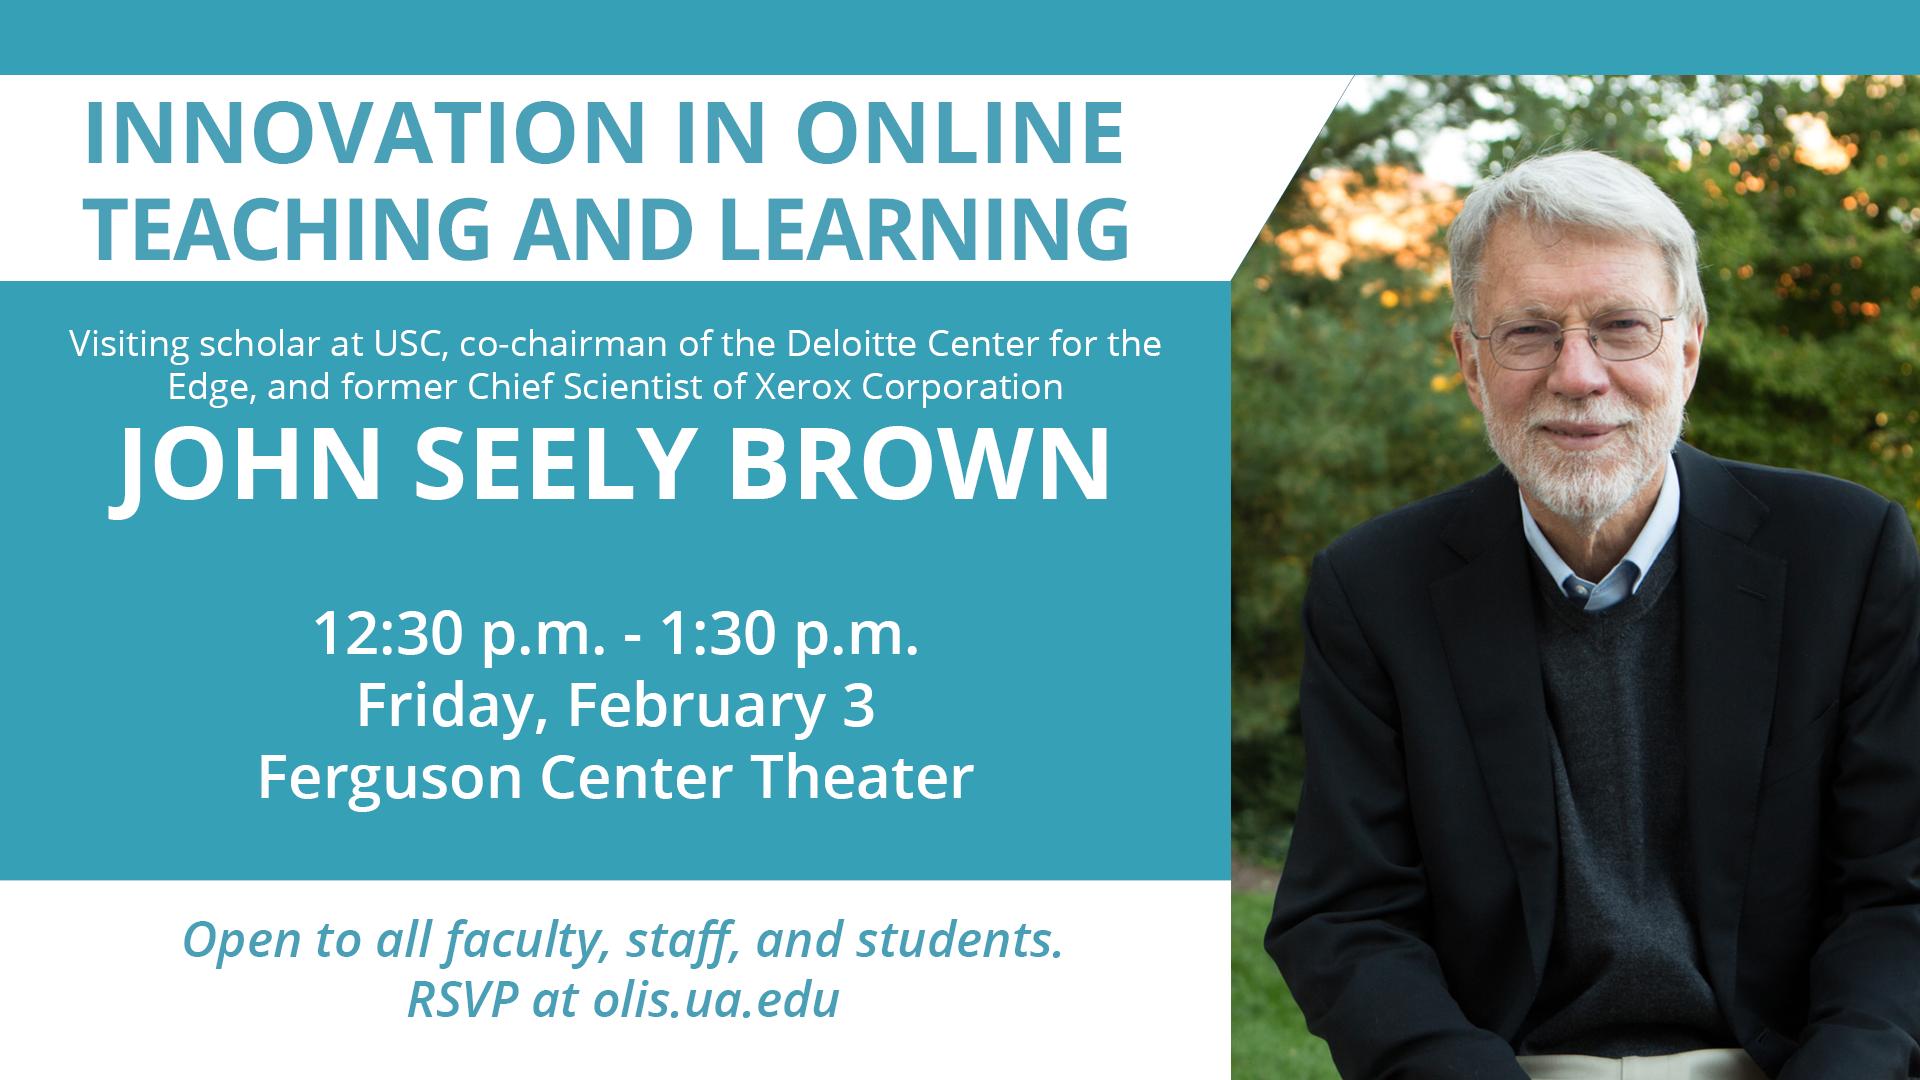 Guest speaker John Seely Brown